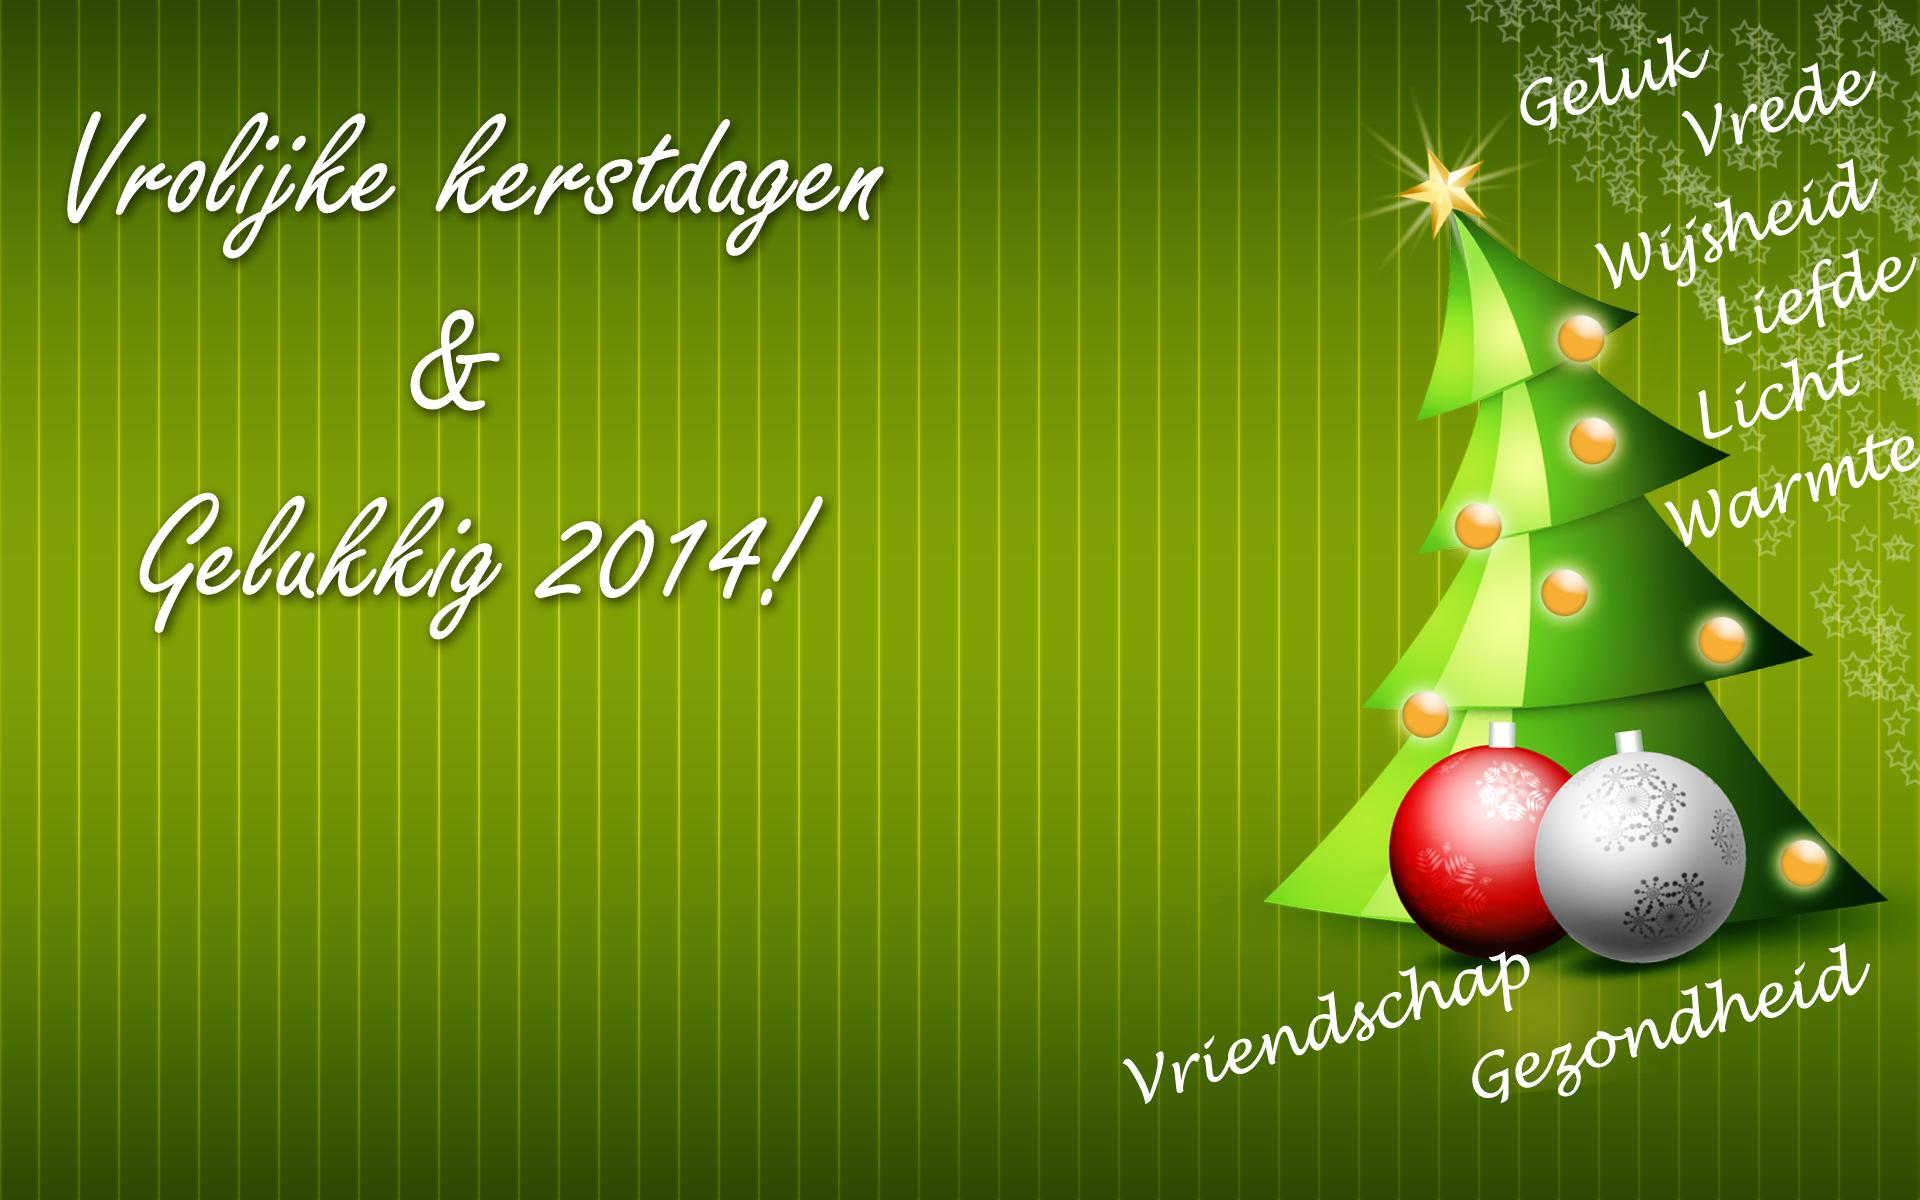 Vrolijke kerstdagen en een gelukkig 2014!